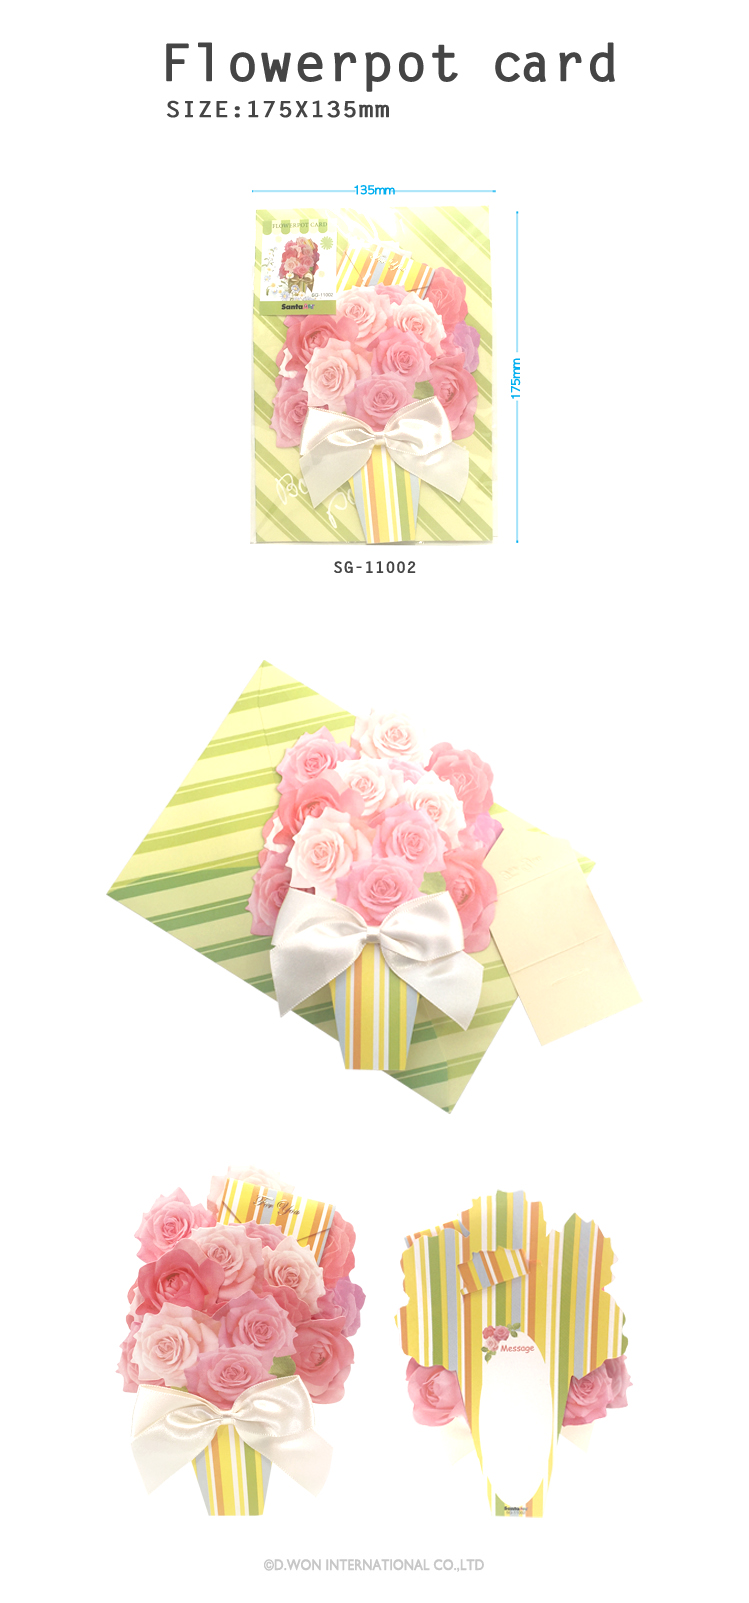 SG-11002 - 디원, 2,520원, 카드, 입체 팝업 카드